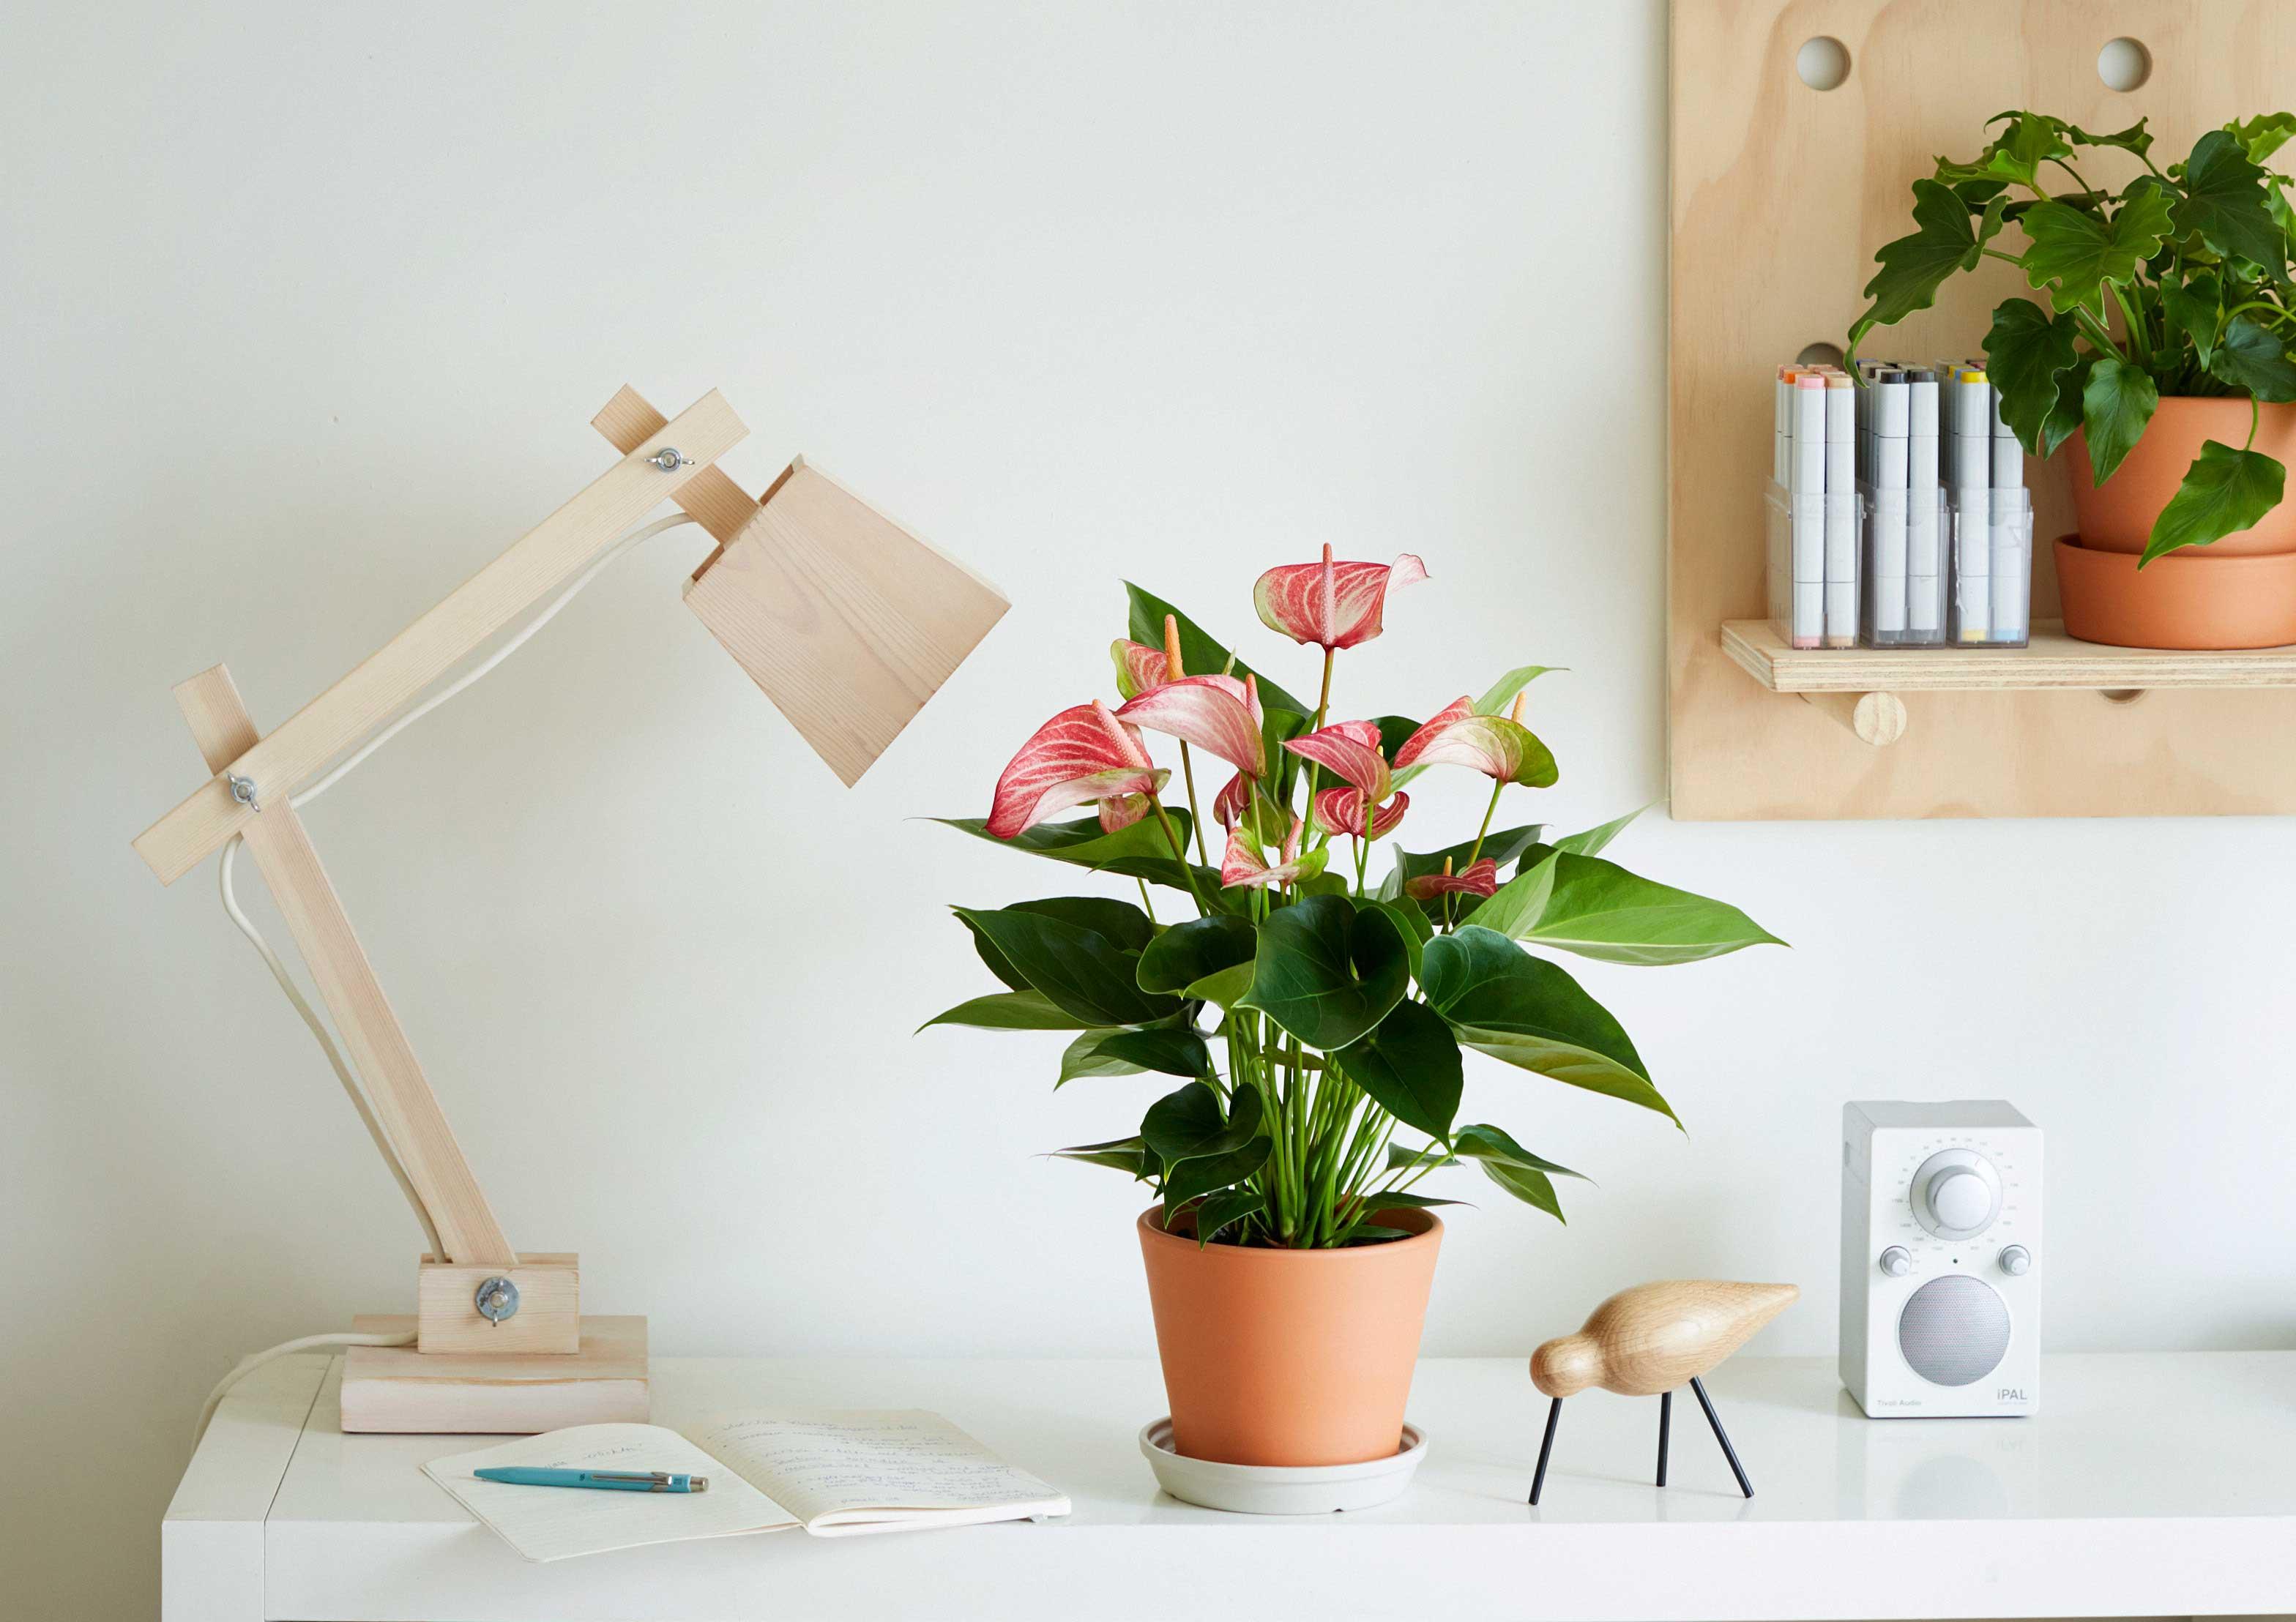 Pianta Da Ufficio Poca Luce come curare l'anthurium - cose di casa